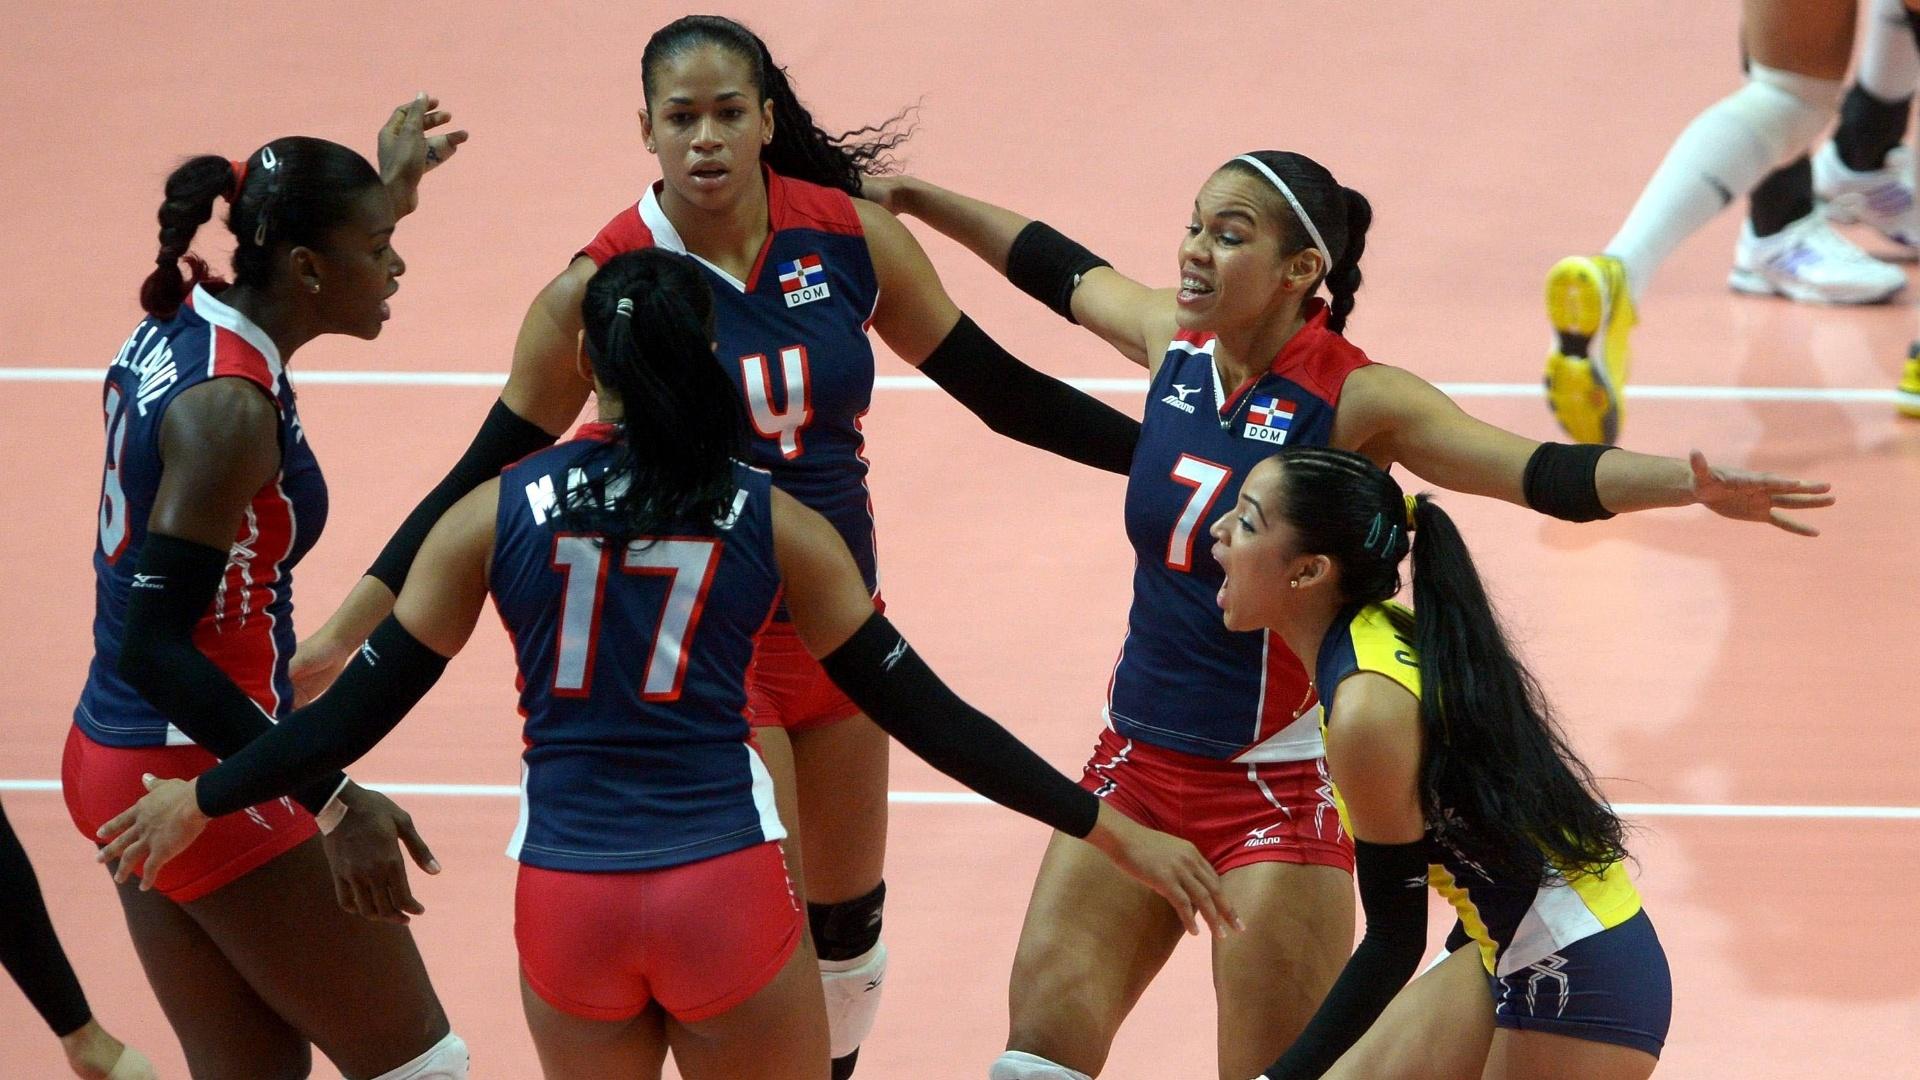 Jogadoras da República Dominicana comemoram ponto sobre a China no Mundial